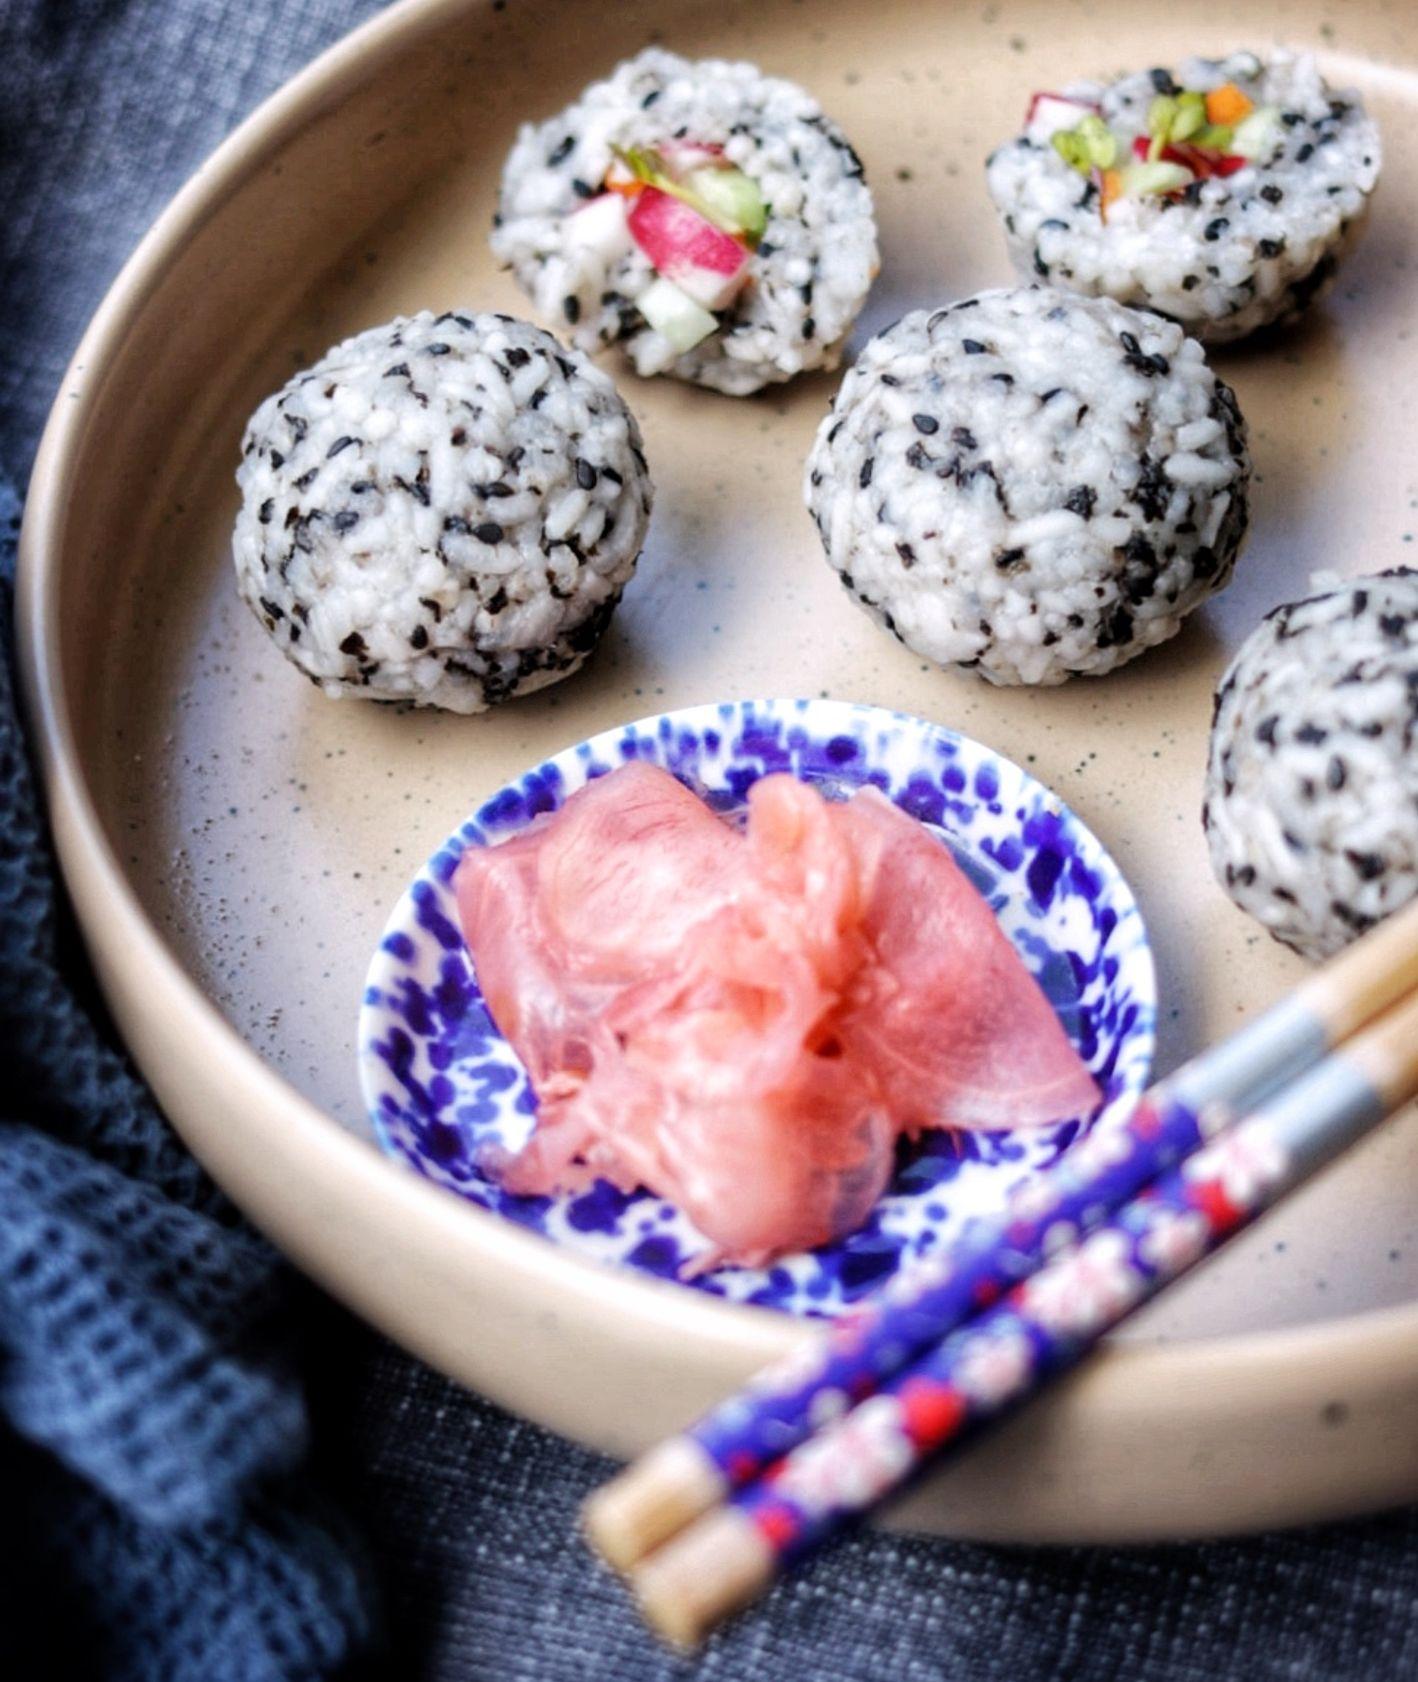 Przepis na sushi balls, jak zrobić sushi w domu, jak podawać sushi, Ania Dobra Kulka (fot. Ania Dobra Kulka)